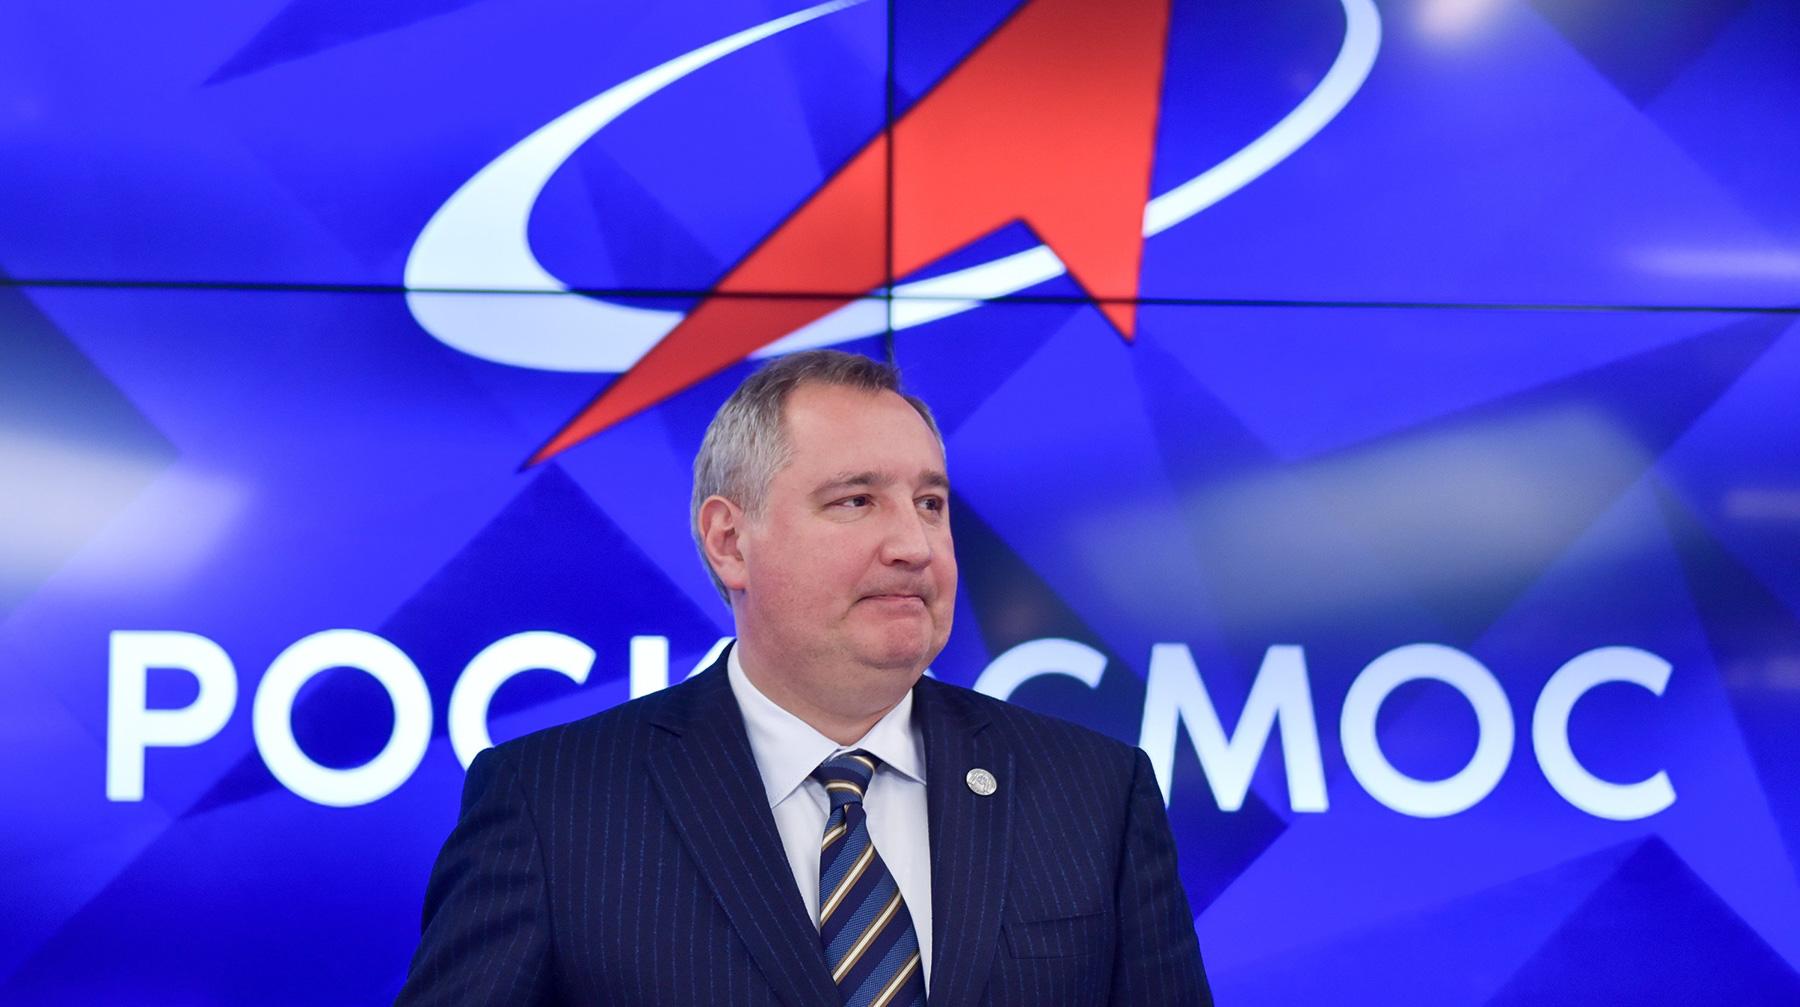 Сотрудничество между Роскосмосом и американским космическим ведомством выгодно всем считает глава госкорпорации